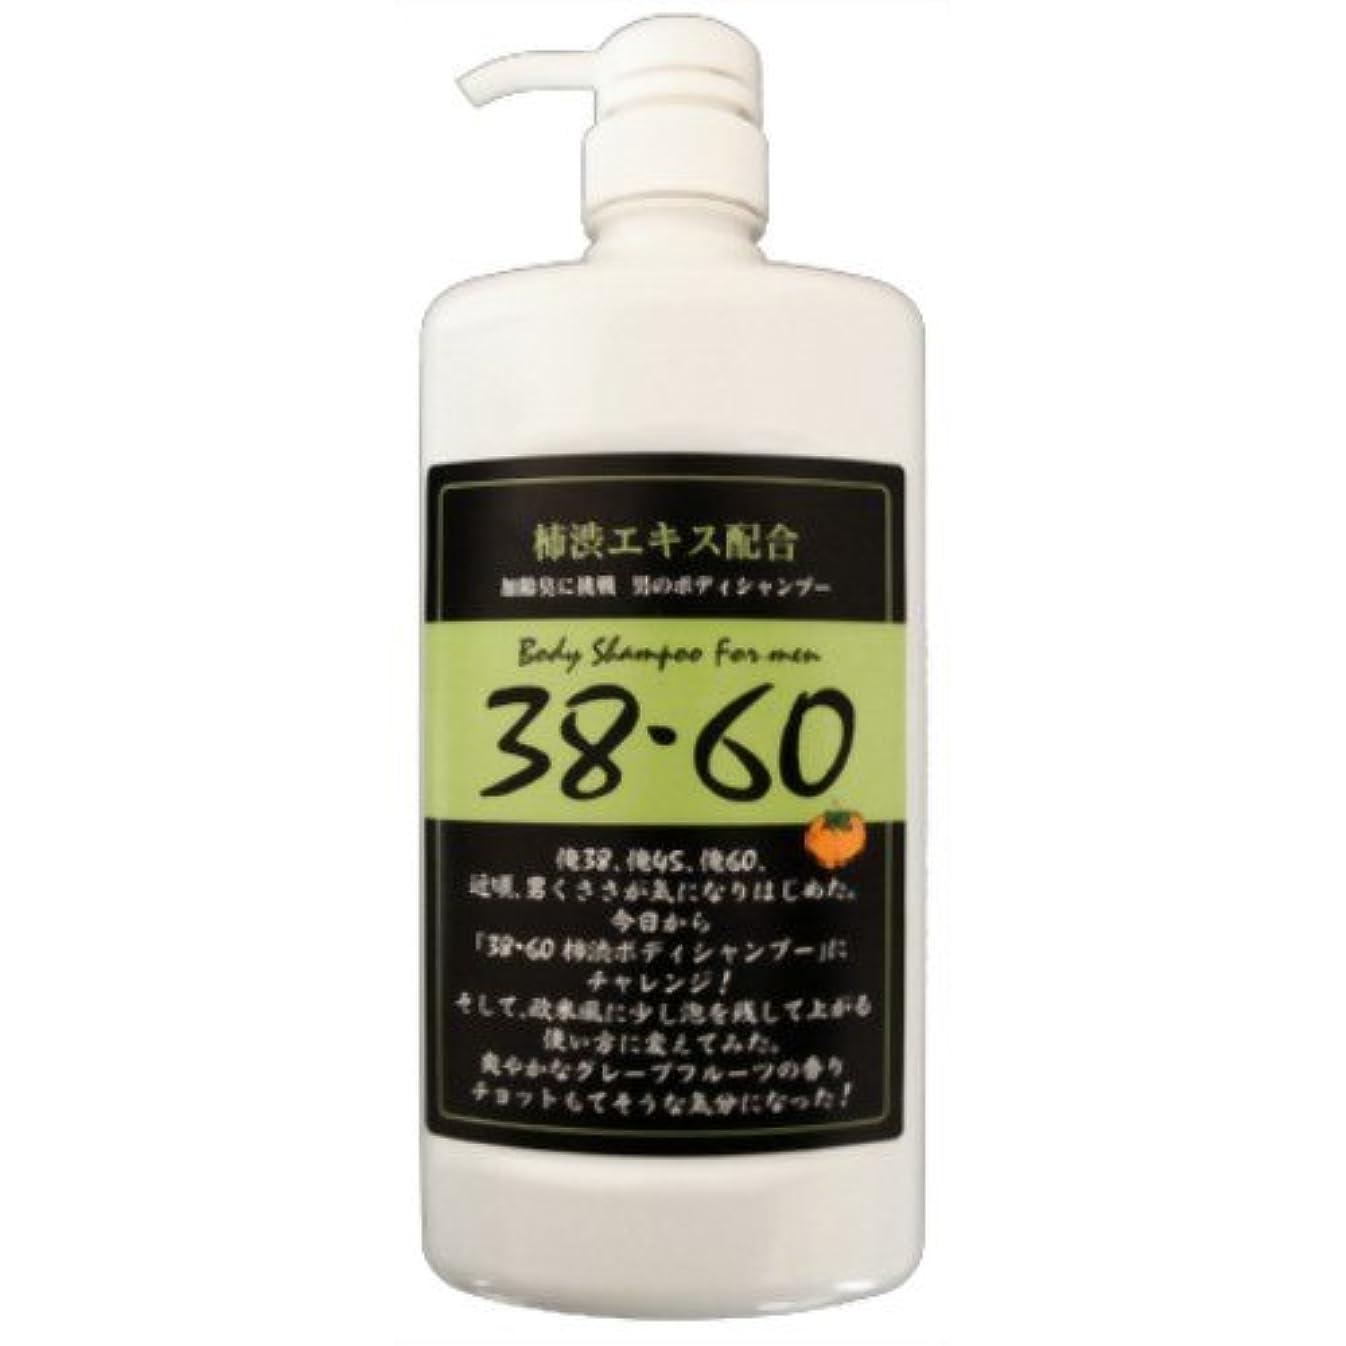 公園メタリック伝統38?60柿渋ボディシャンプー詰替1500ml